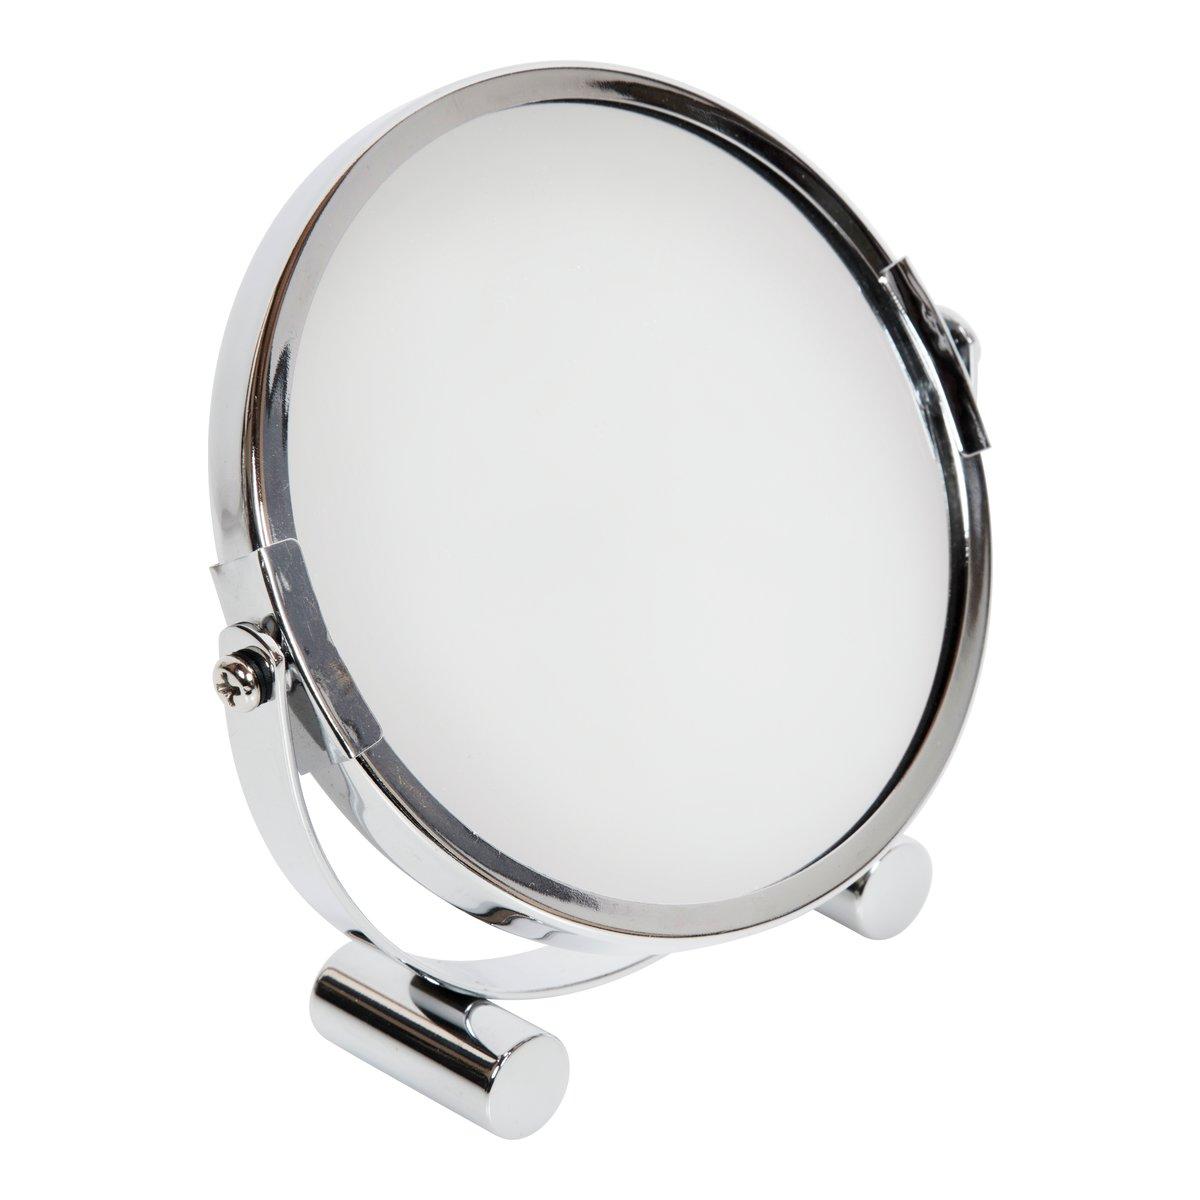 Speil-SPE751